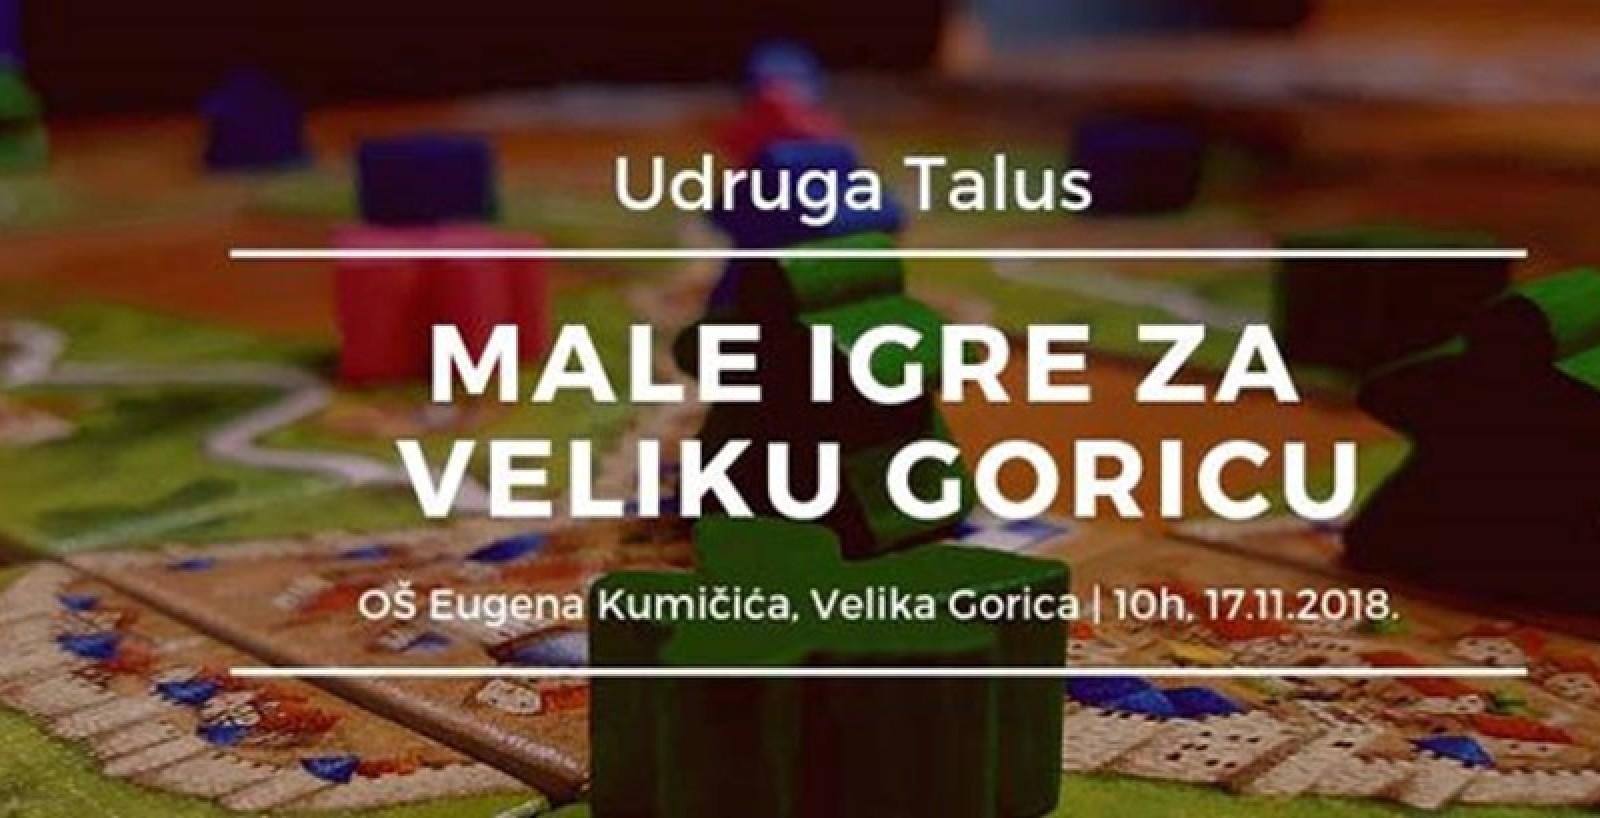 Male igre za Veliku Goricu